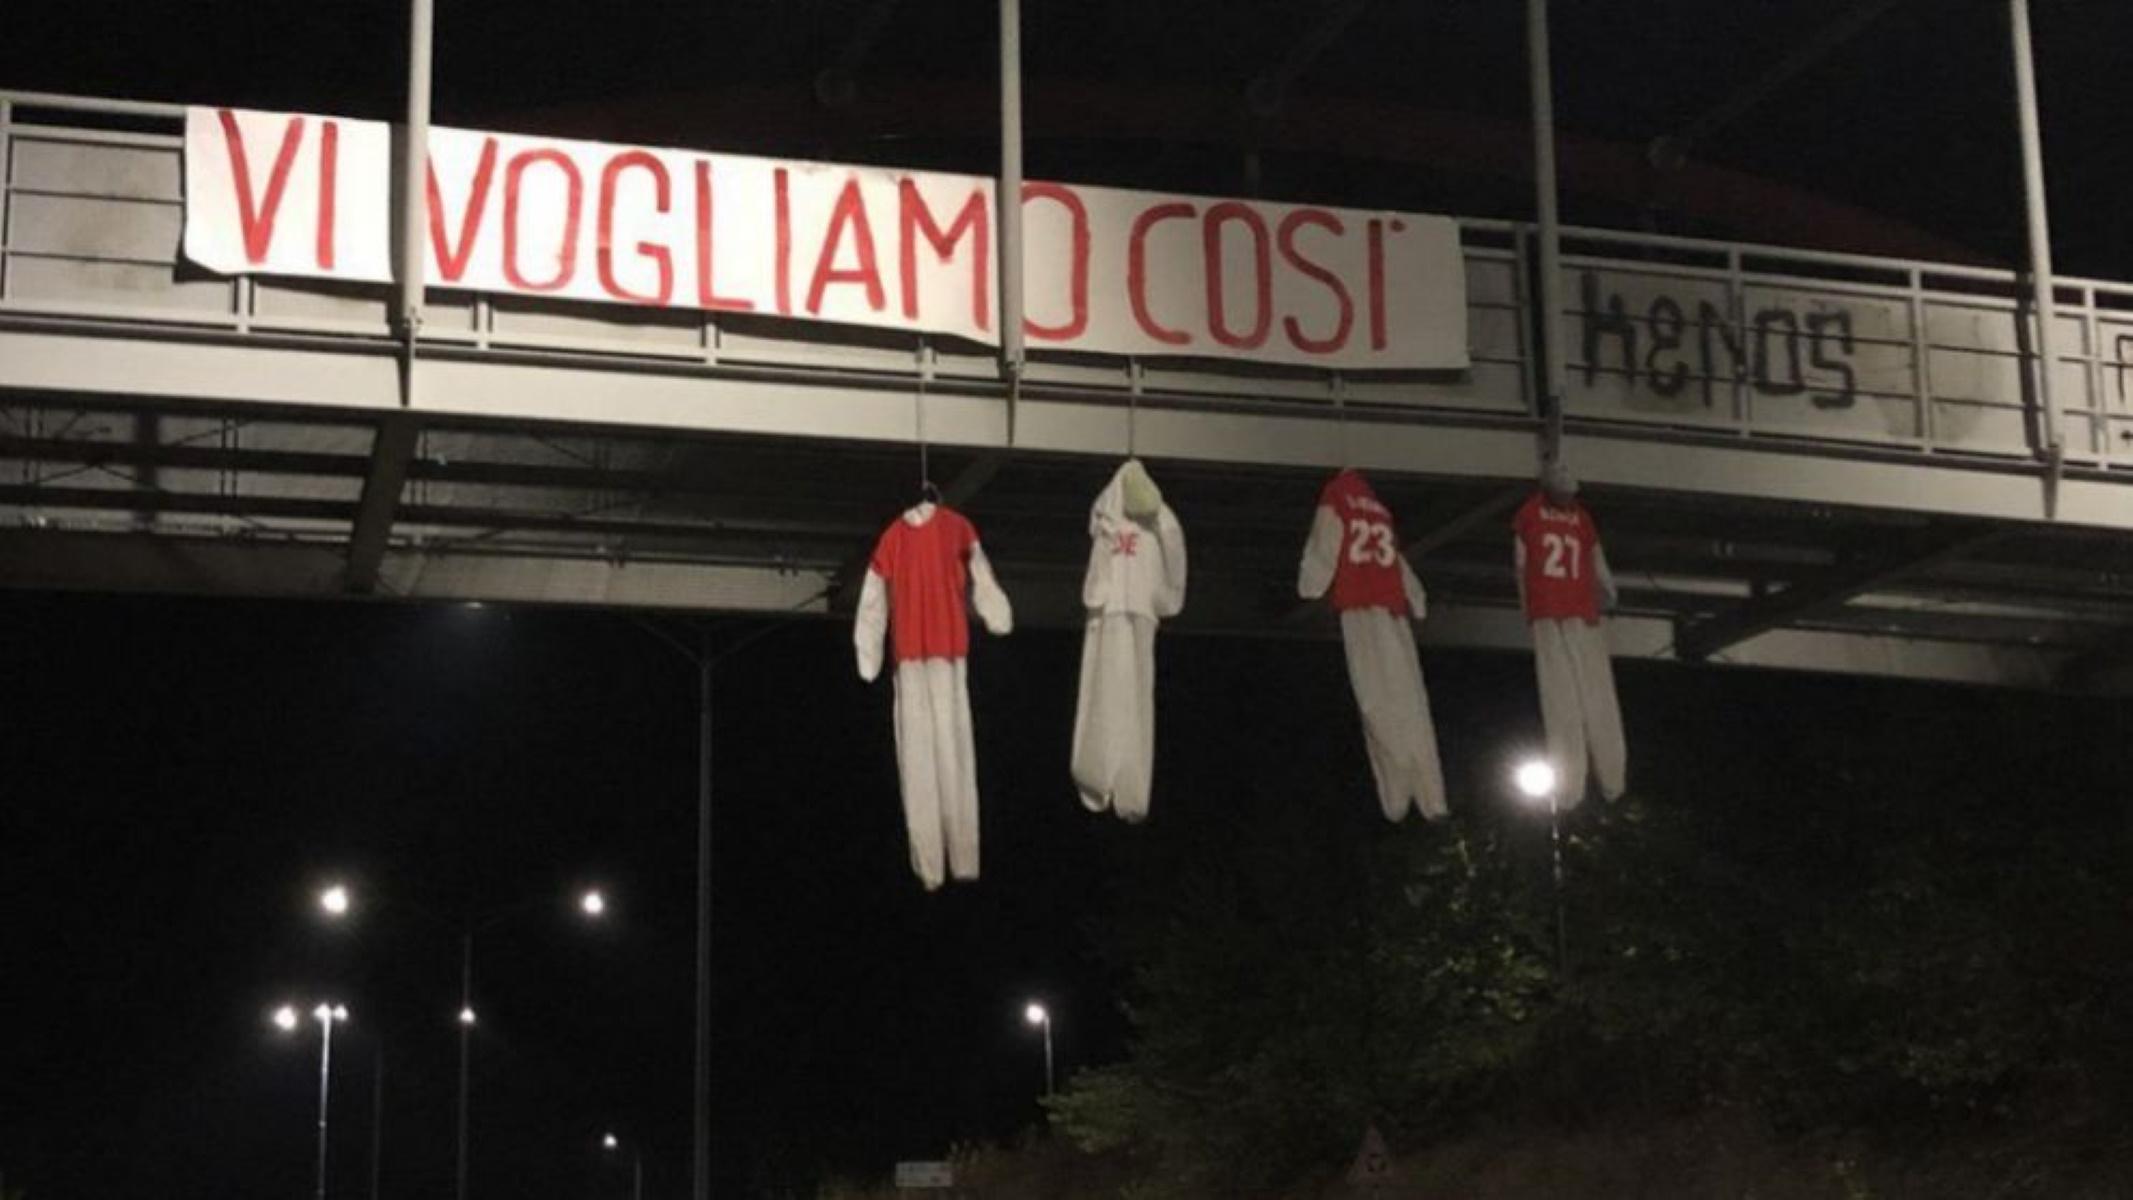 Οργή οπαδών στην Περούτζια! Μήνυμα με κρεμασμένες κούκλες σε γέφυρα